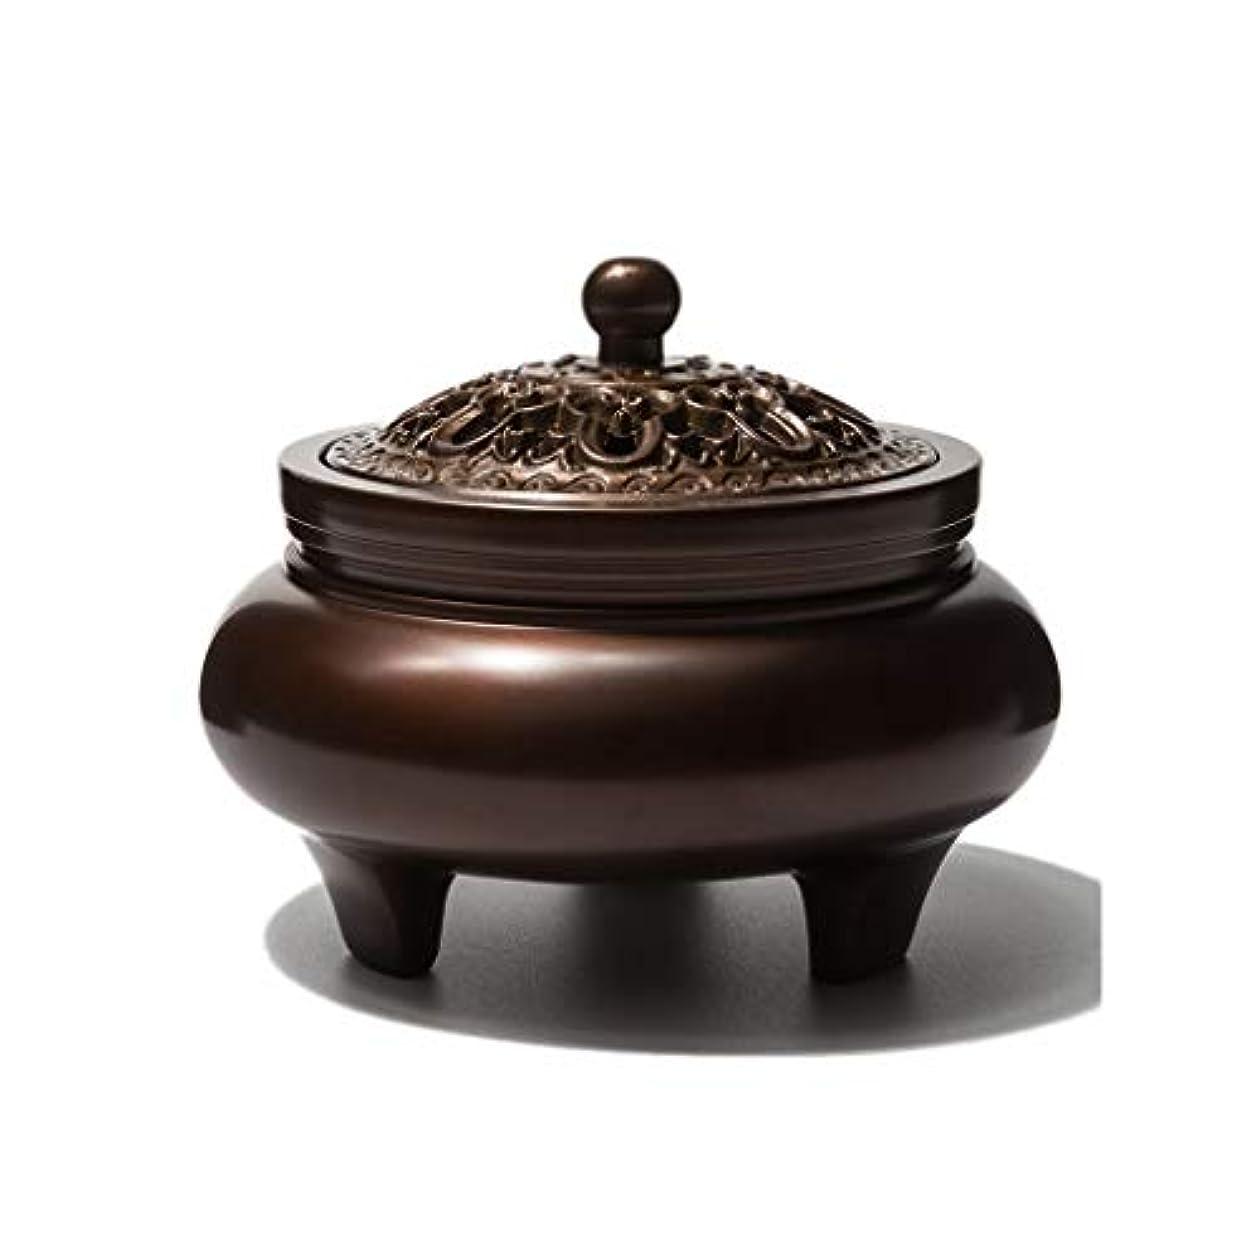 誓う引用フクロウ芳香器?アロマバーナー 銅香バーナーアロマテラピーホルダー純粋な銅茶道白檀炉屋内香バーナーレトロノスタルジア11.5センチ* 7.8センチ* 9センチ アロマバーナー